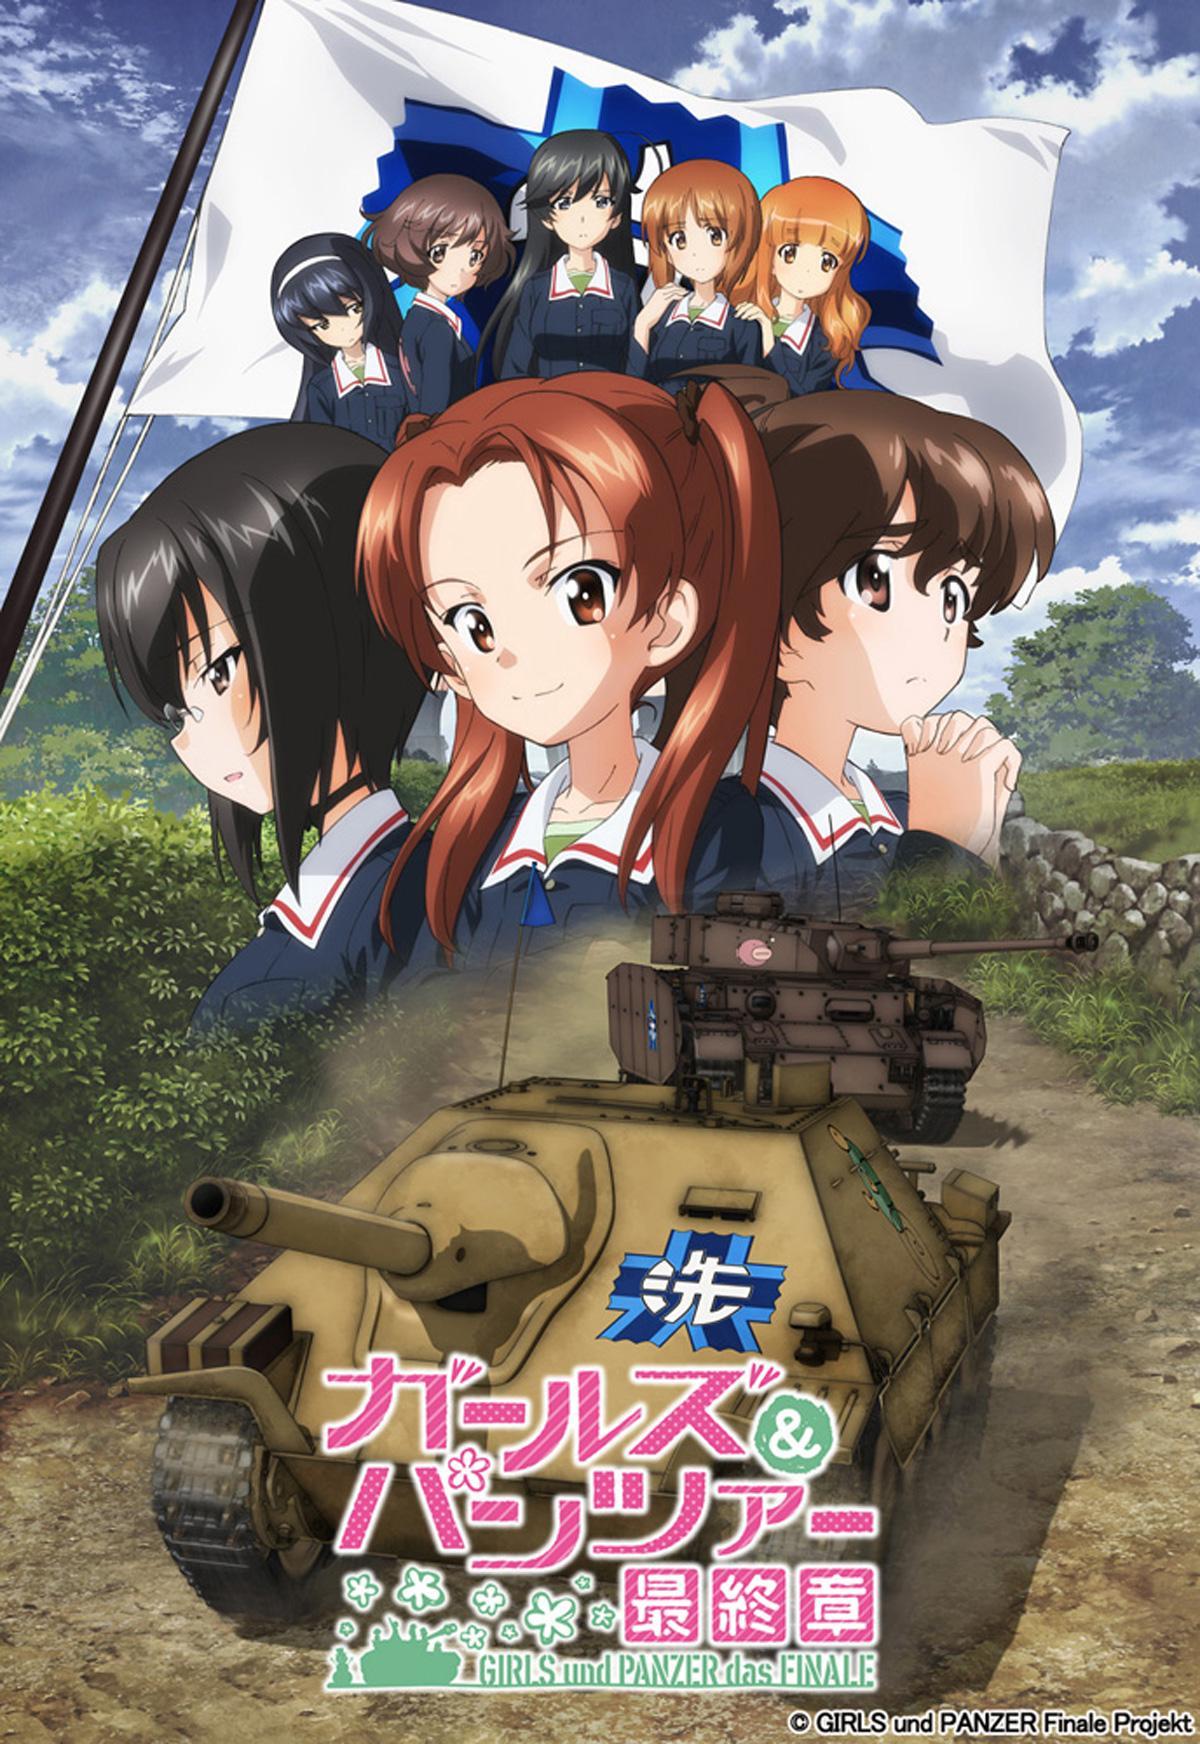 剧场版《少女与战车》最终章 第2话 本予告公开